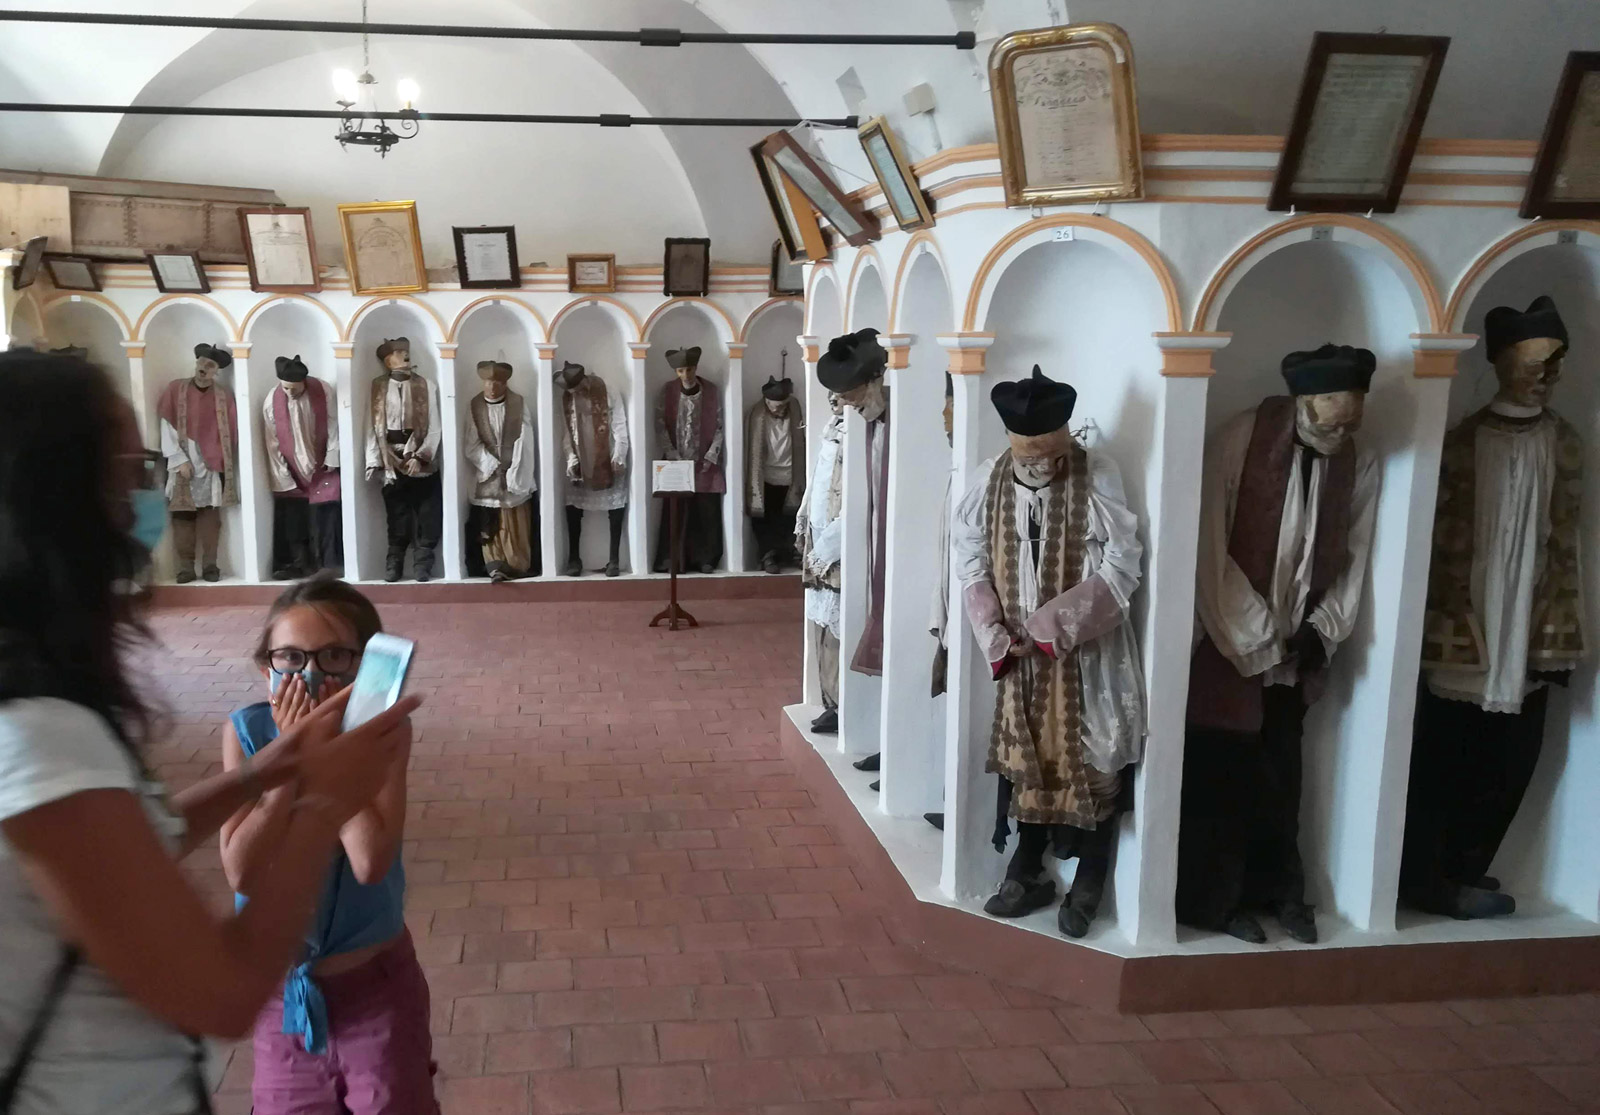 La cripta di Gangi in Sicilia dove venivano imbalsamati i preti